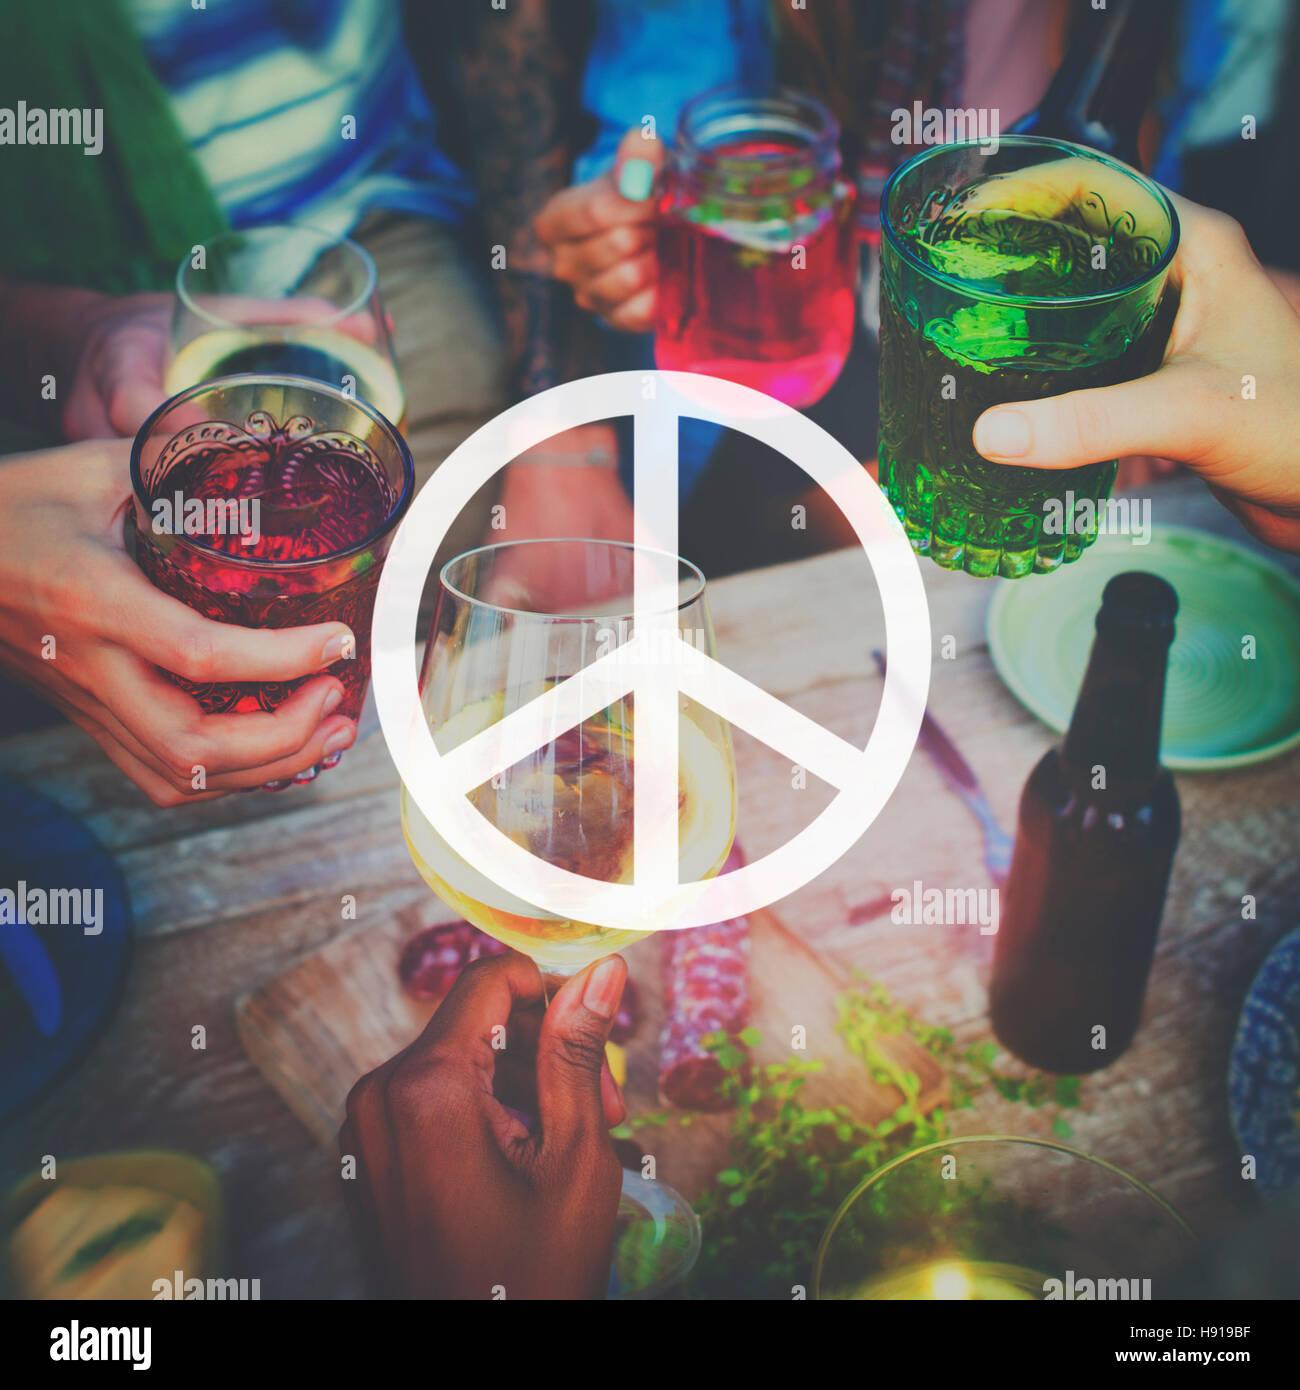 Frieden Freiheit Hoffnung Pazifist spirituelle Liebe Konzept Stockbild